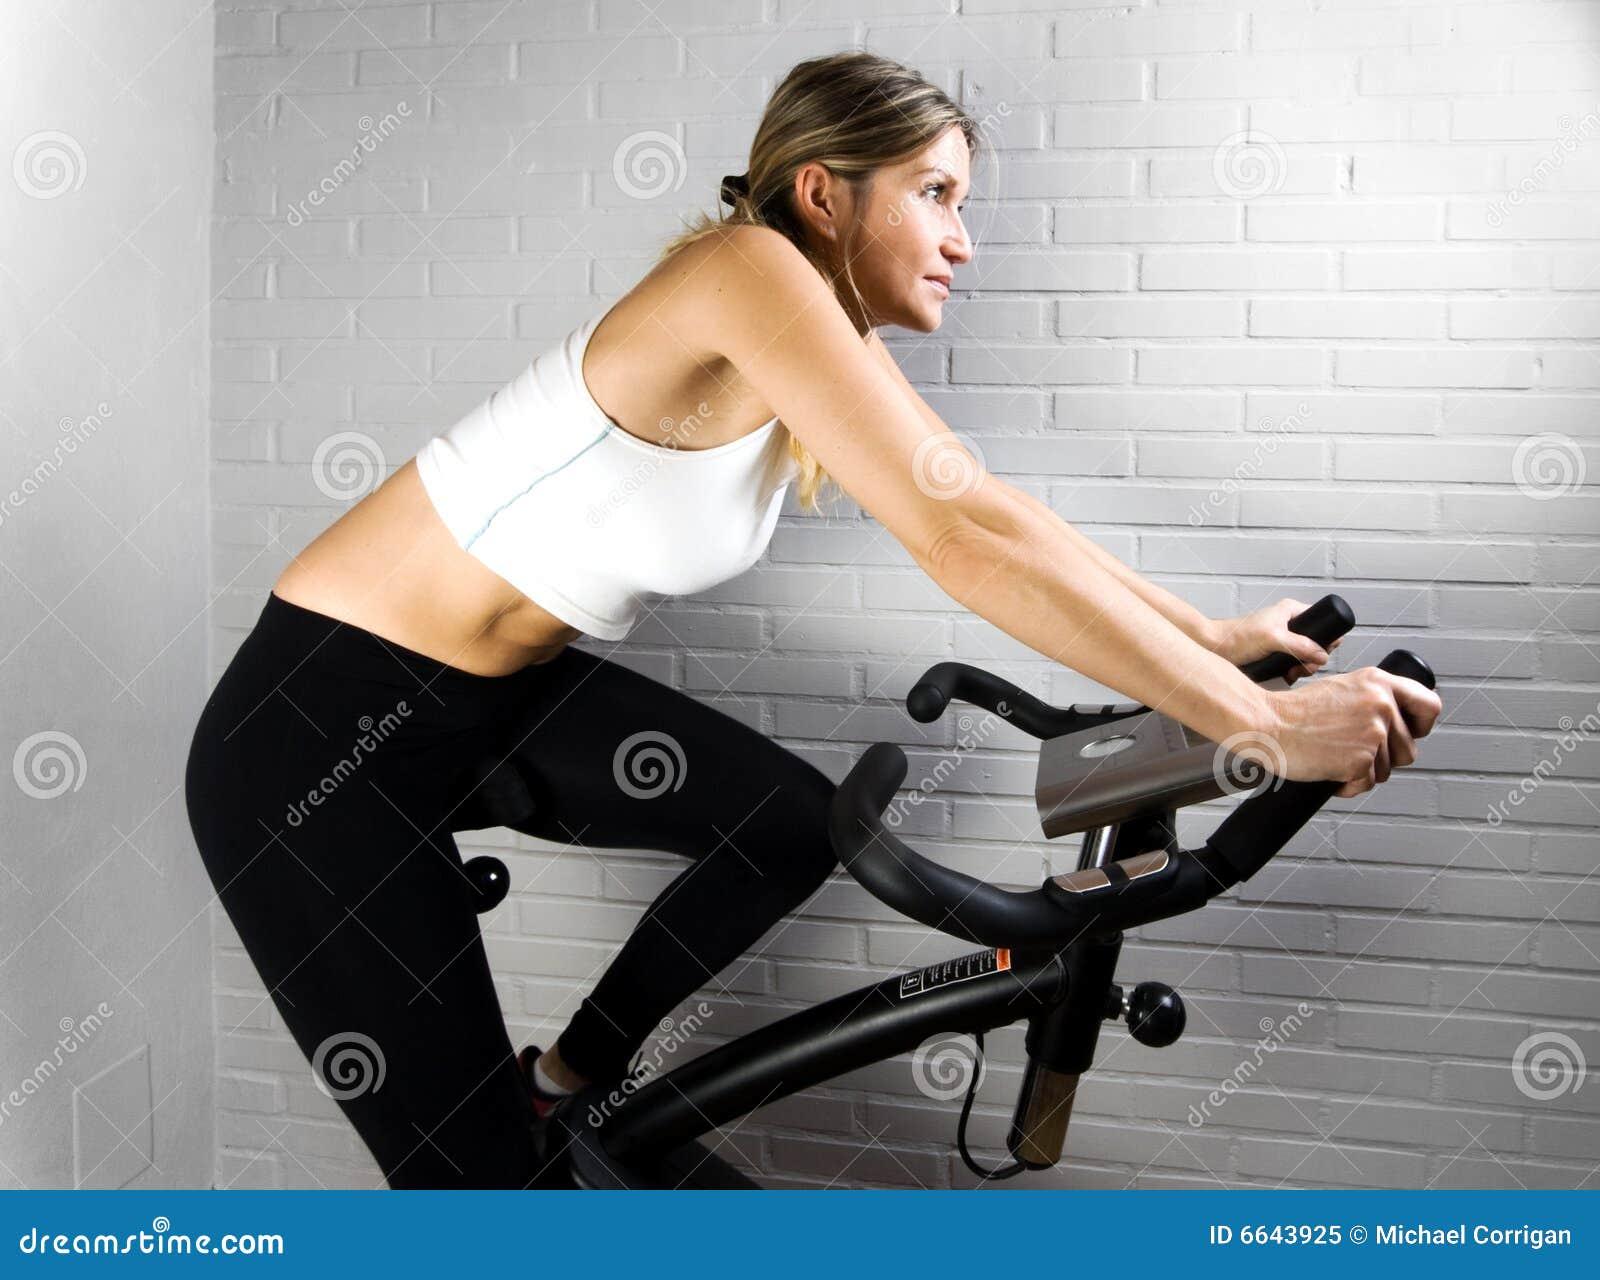 Something is. Naked on exercise bike